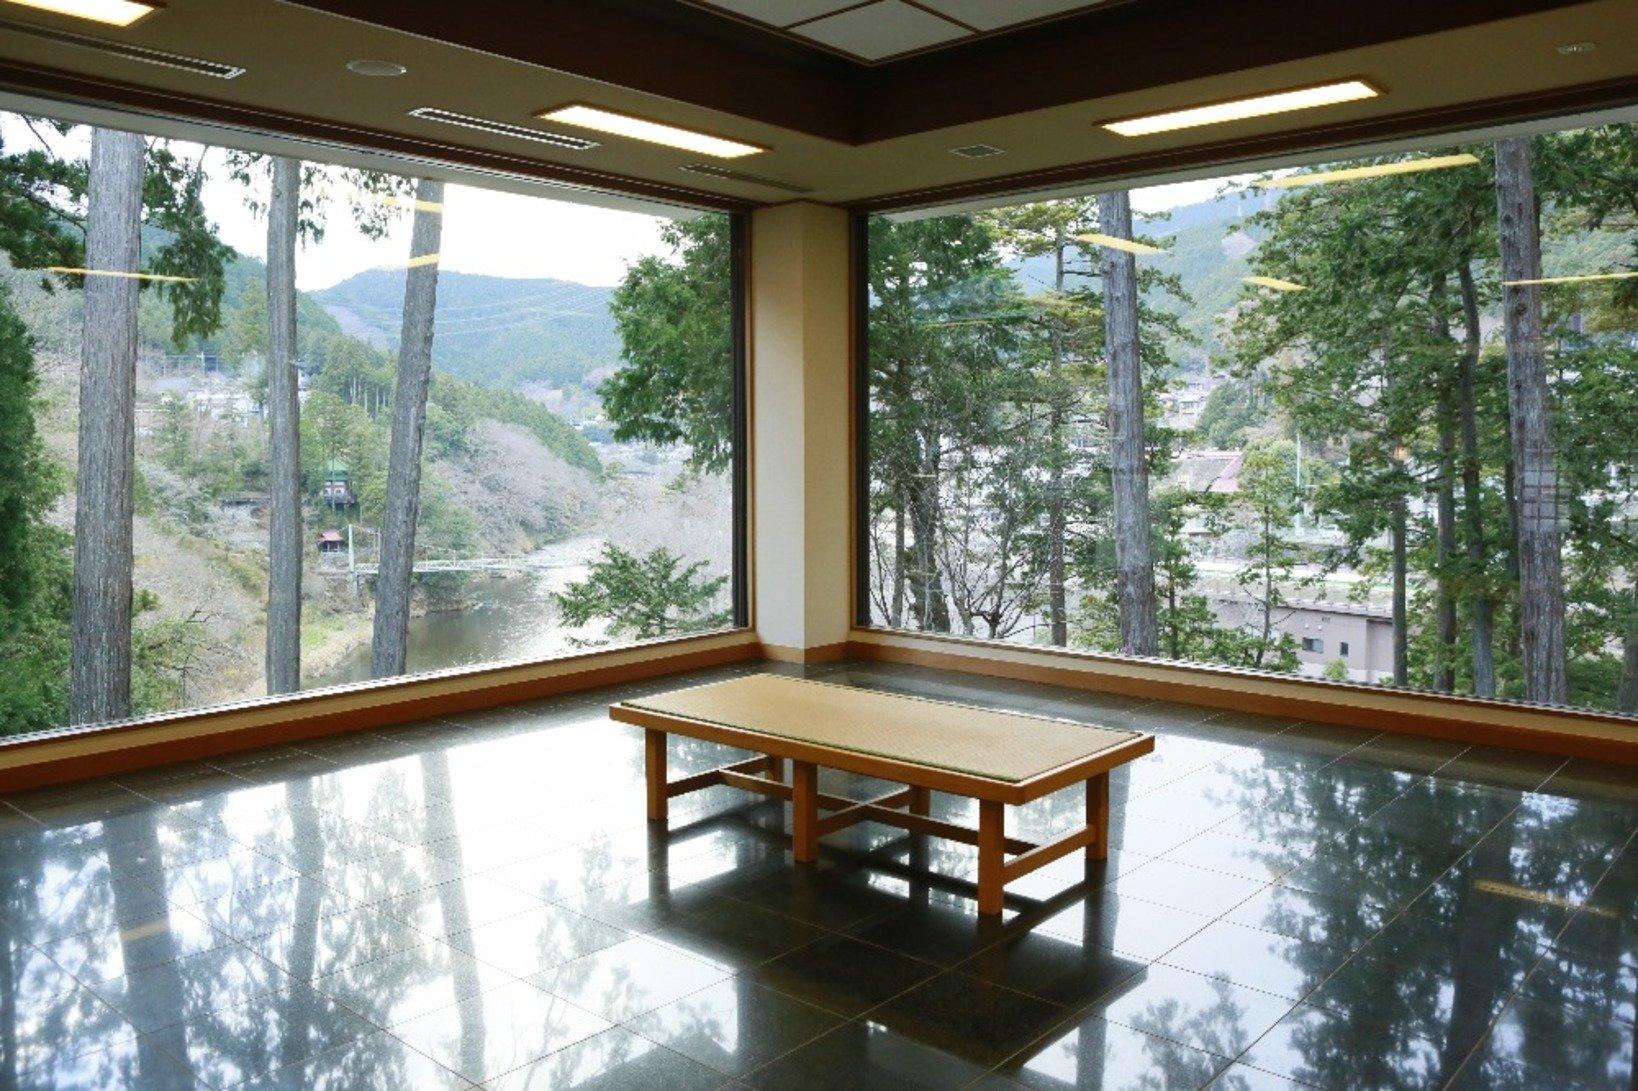 美術館内の大きな窓から見える、四季折々の風景